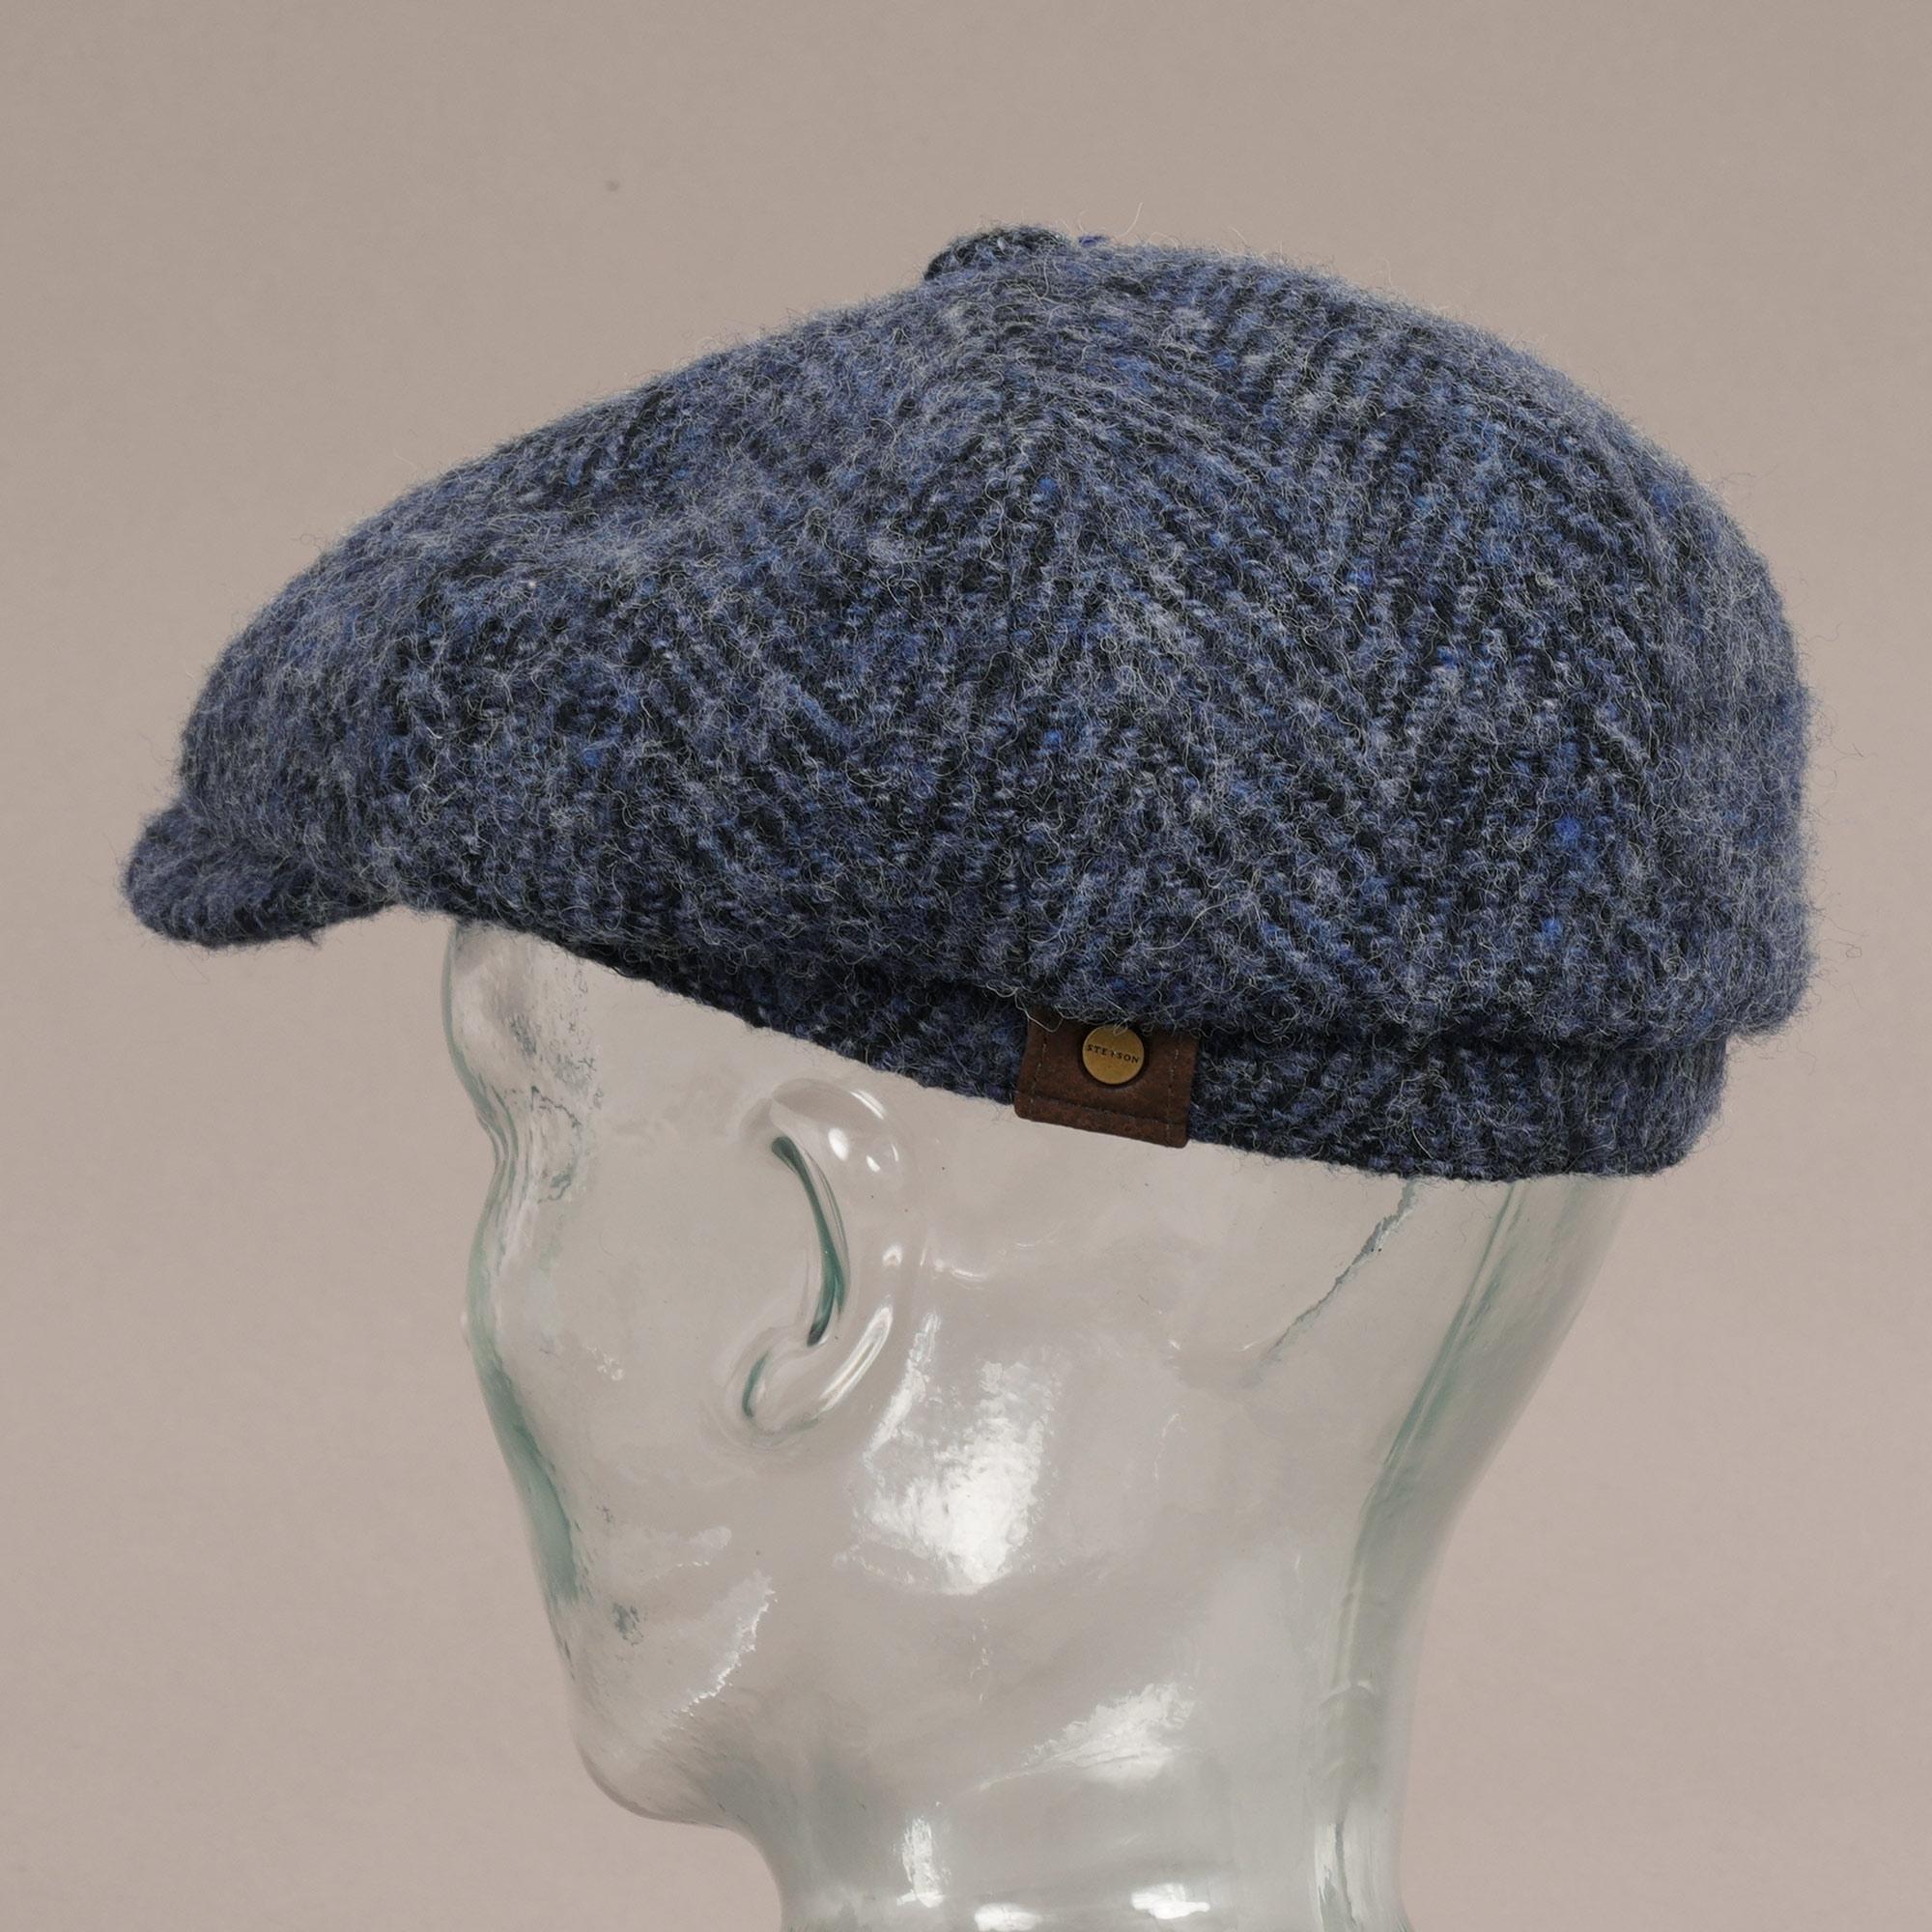 da8aa55c50a Stetson Stetson Hatteras Wool Bakerboy Cap (Blue) at Dandy Fellow